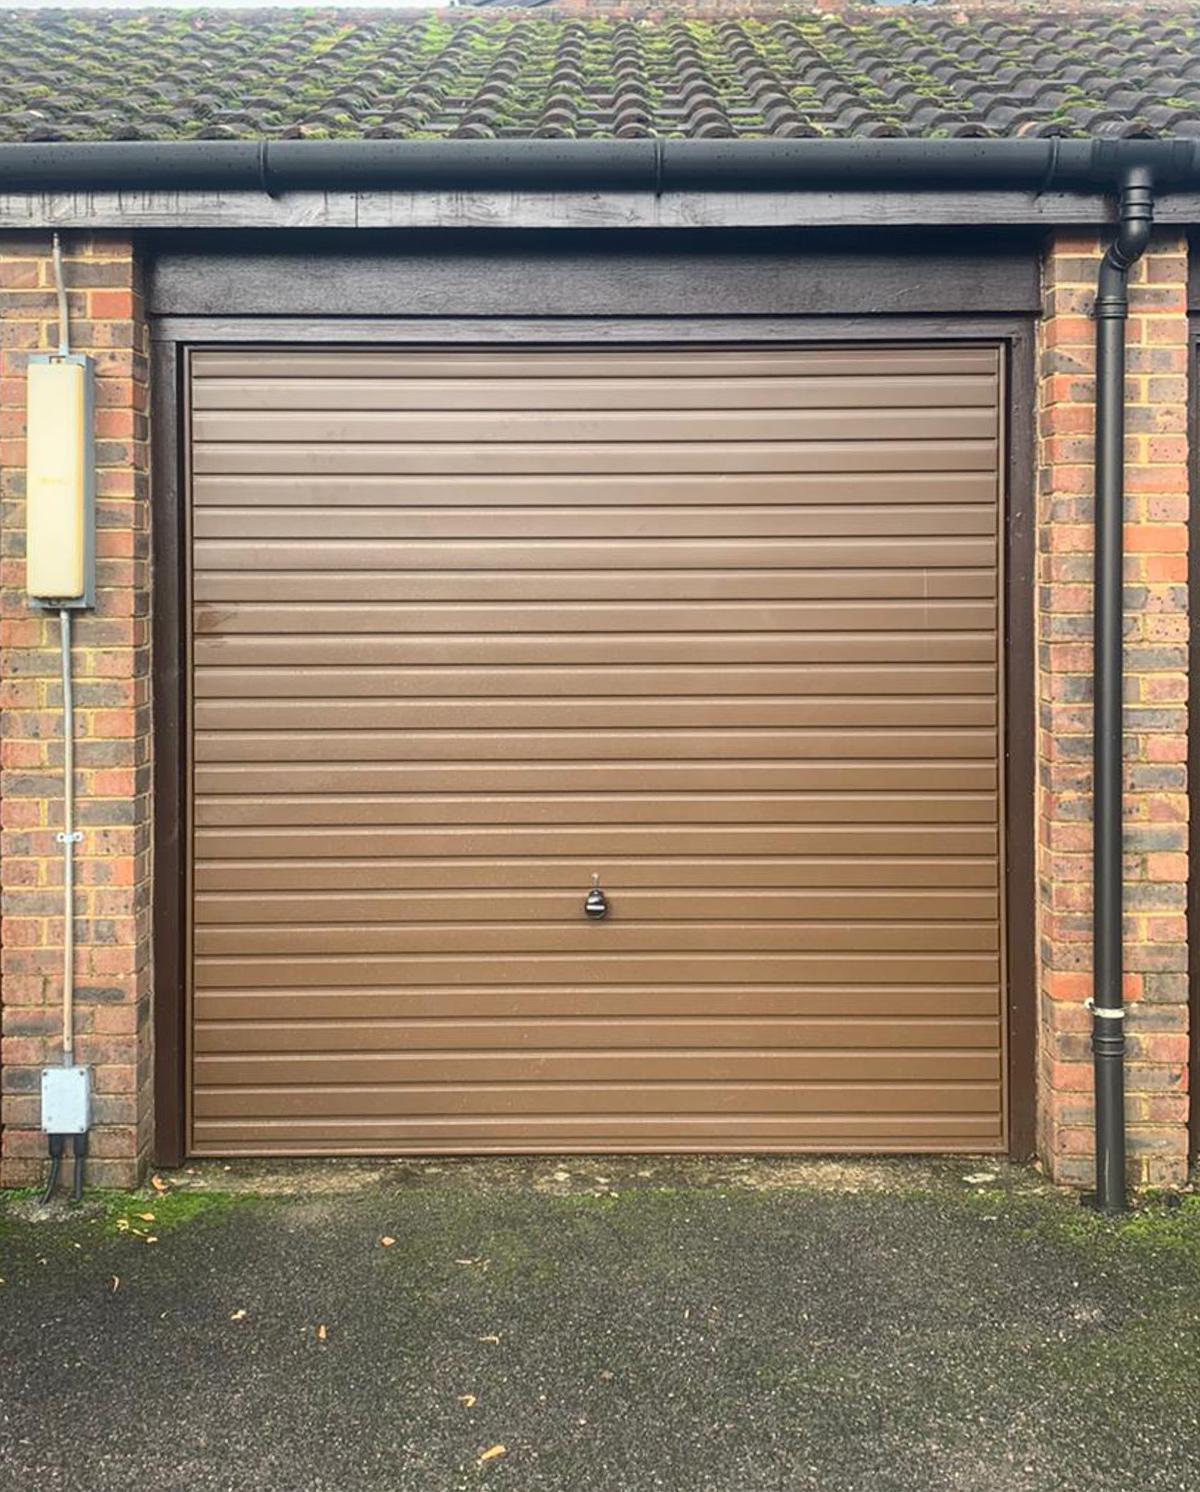 Garador Steel Up & Over Garage Door Finished in Brown